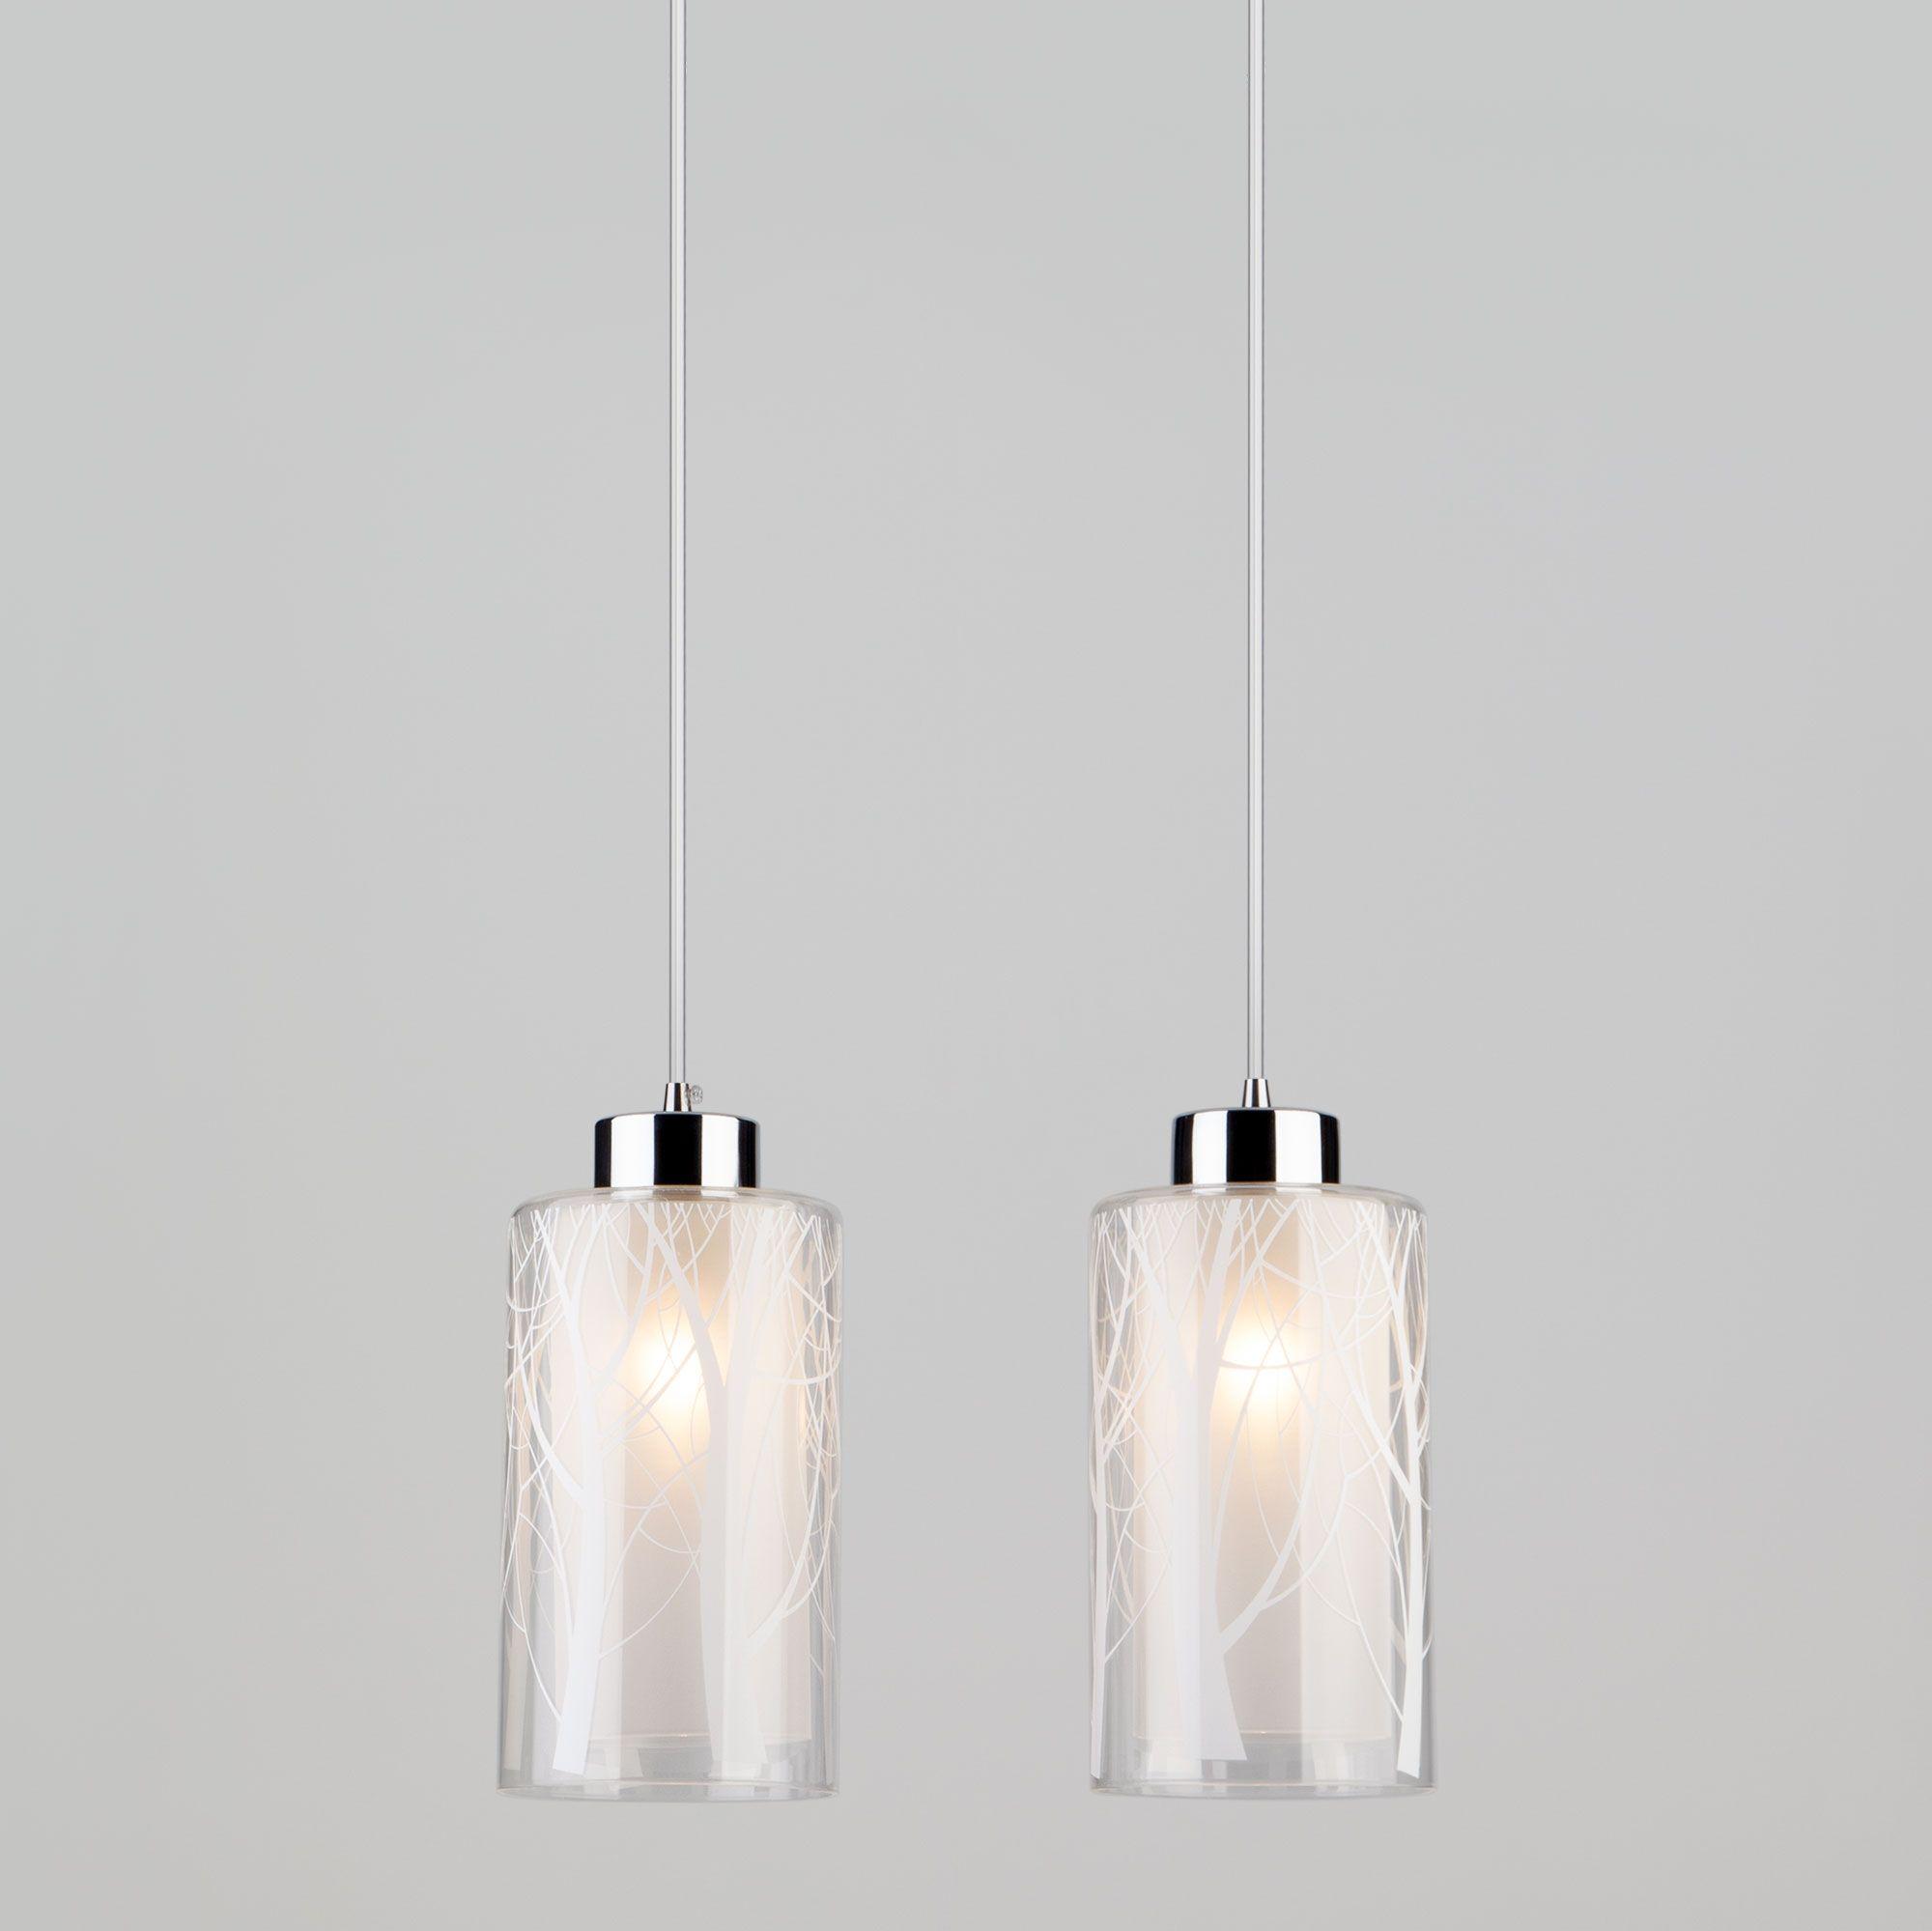 Светильник с плафонами из стекла 50001/2 хром